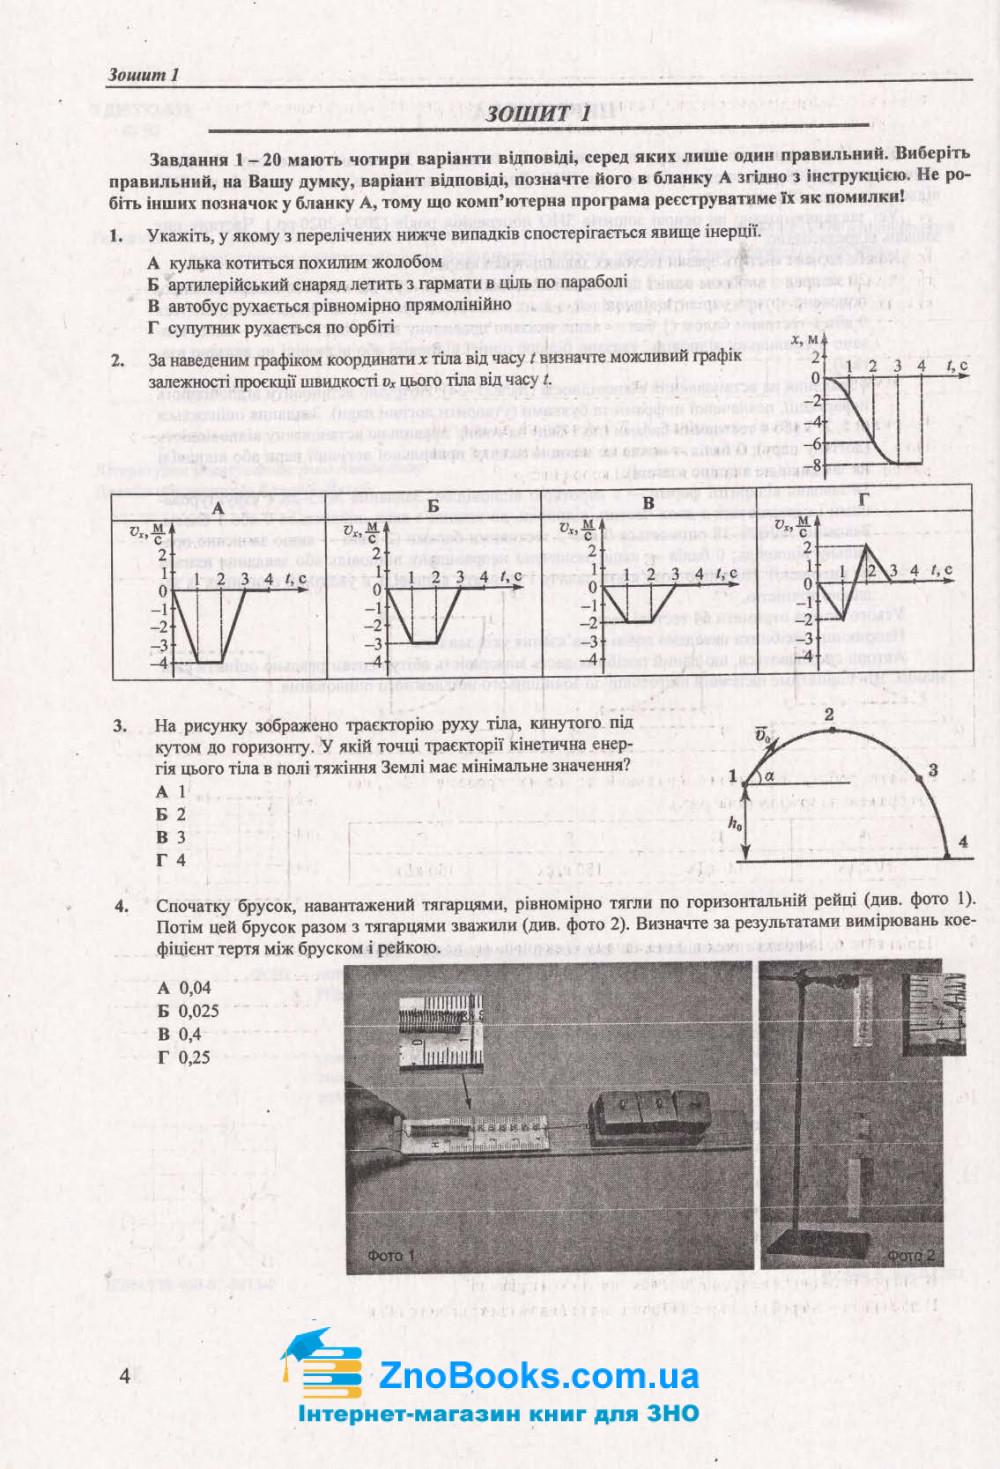 Фізика ЗНО 2021. Тренажер : Струж Н. Підручники і посібники. купити 4